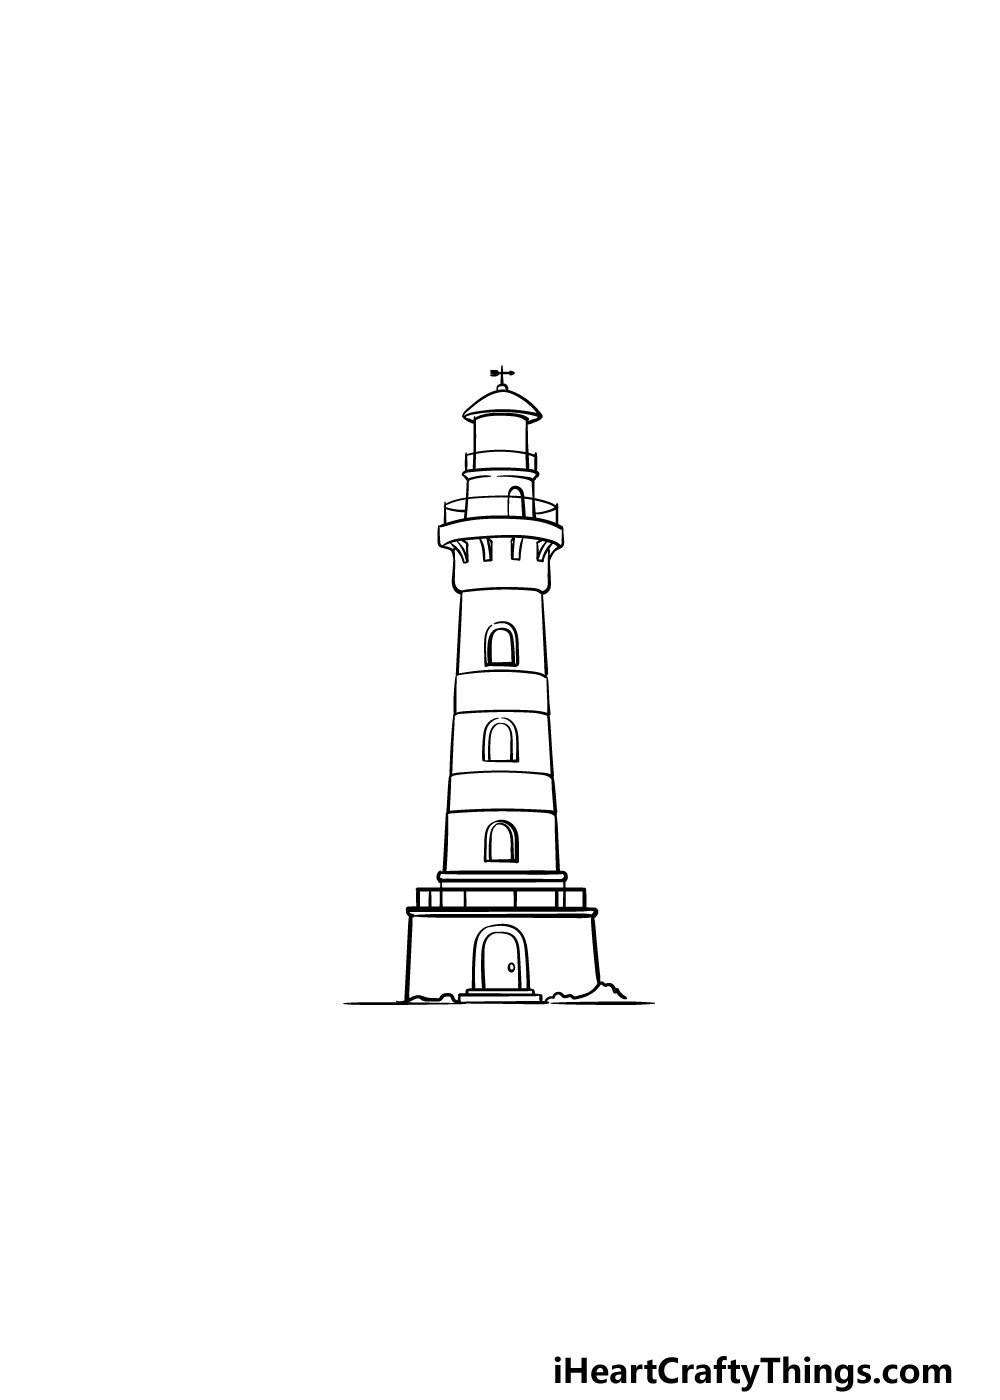 vẽ ngọn hải đăng bước 4